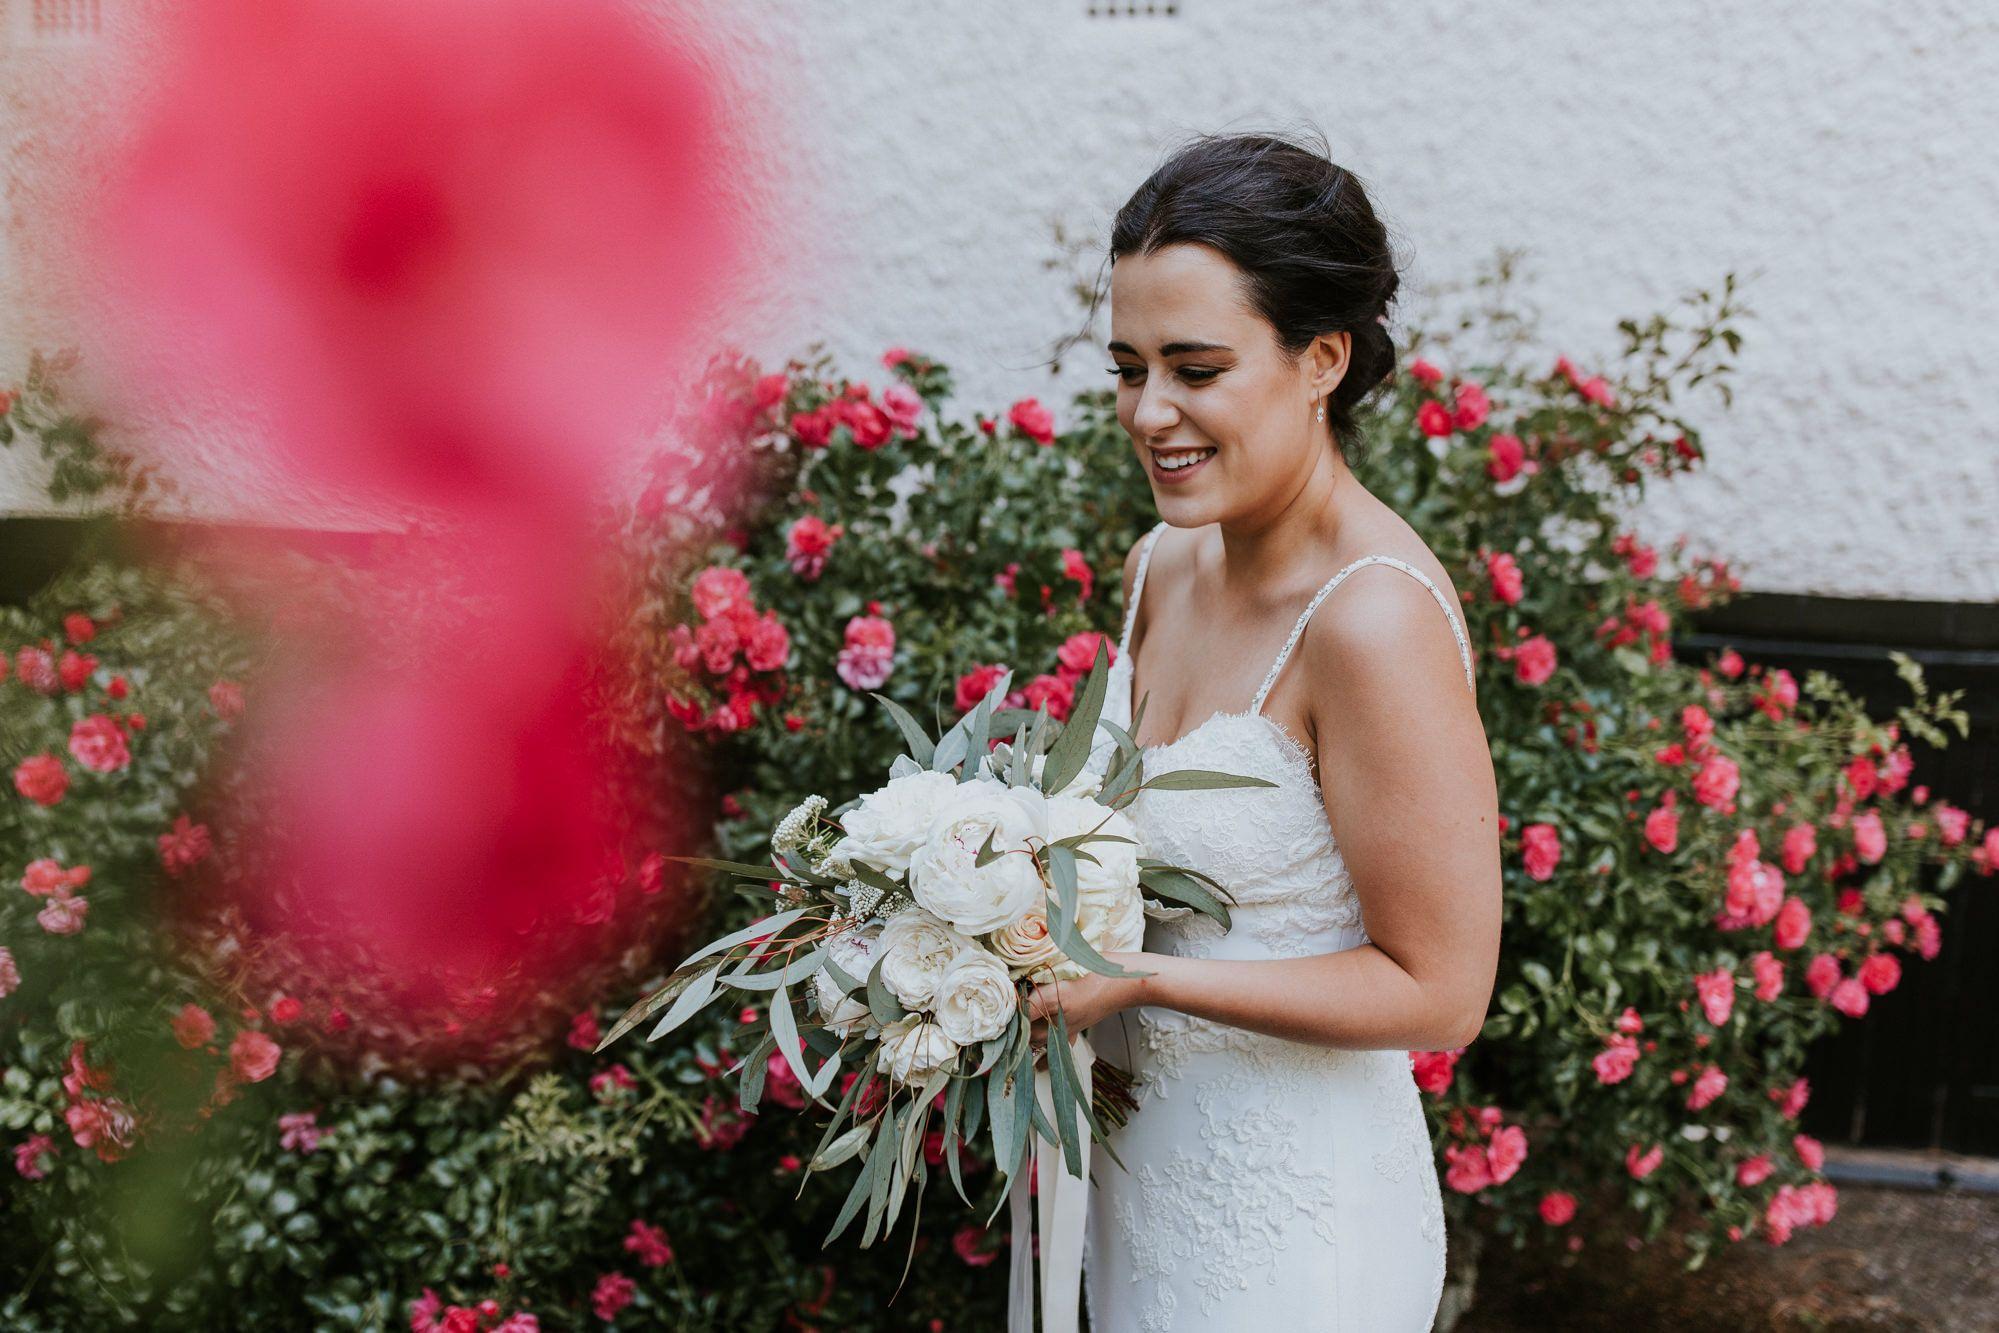 eva's bridal makeup look